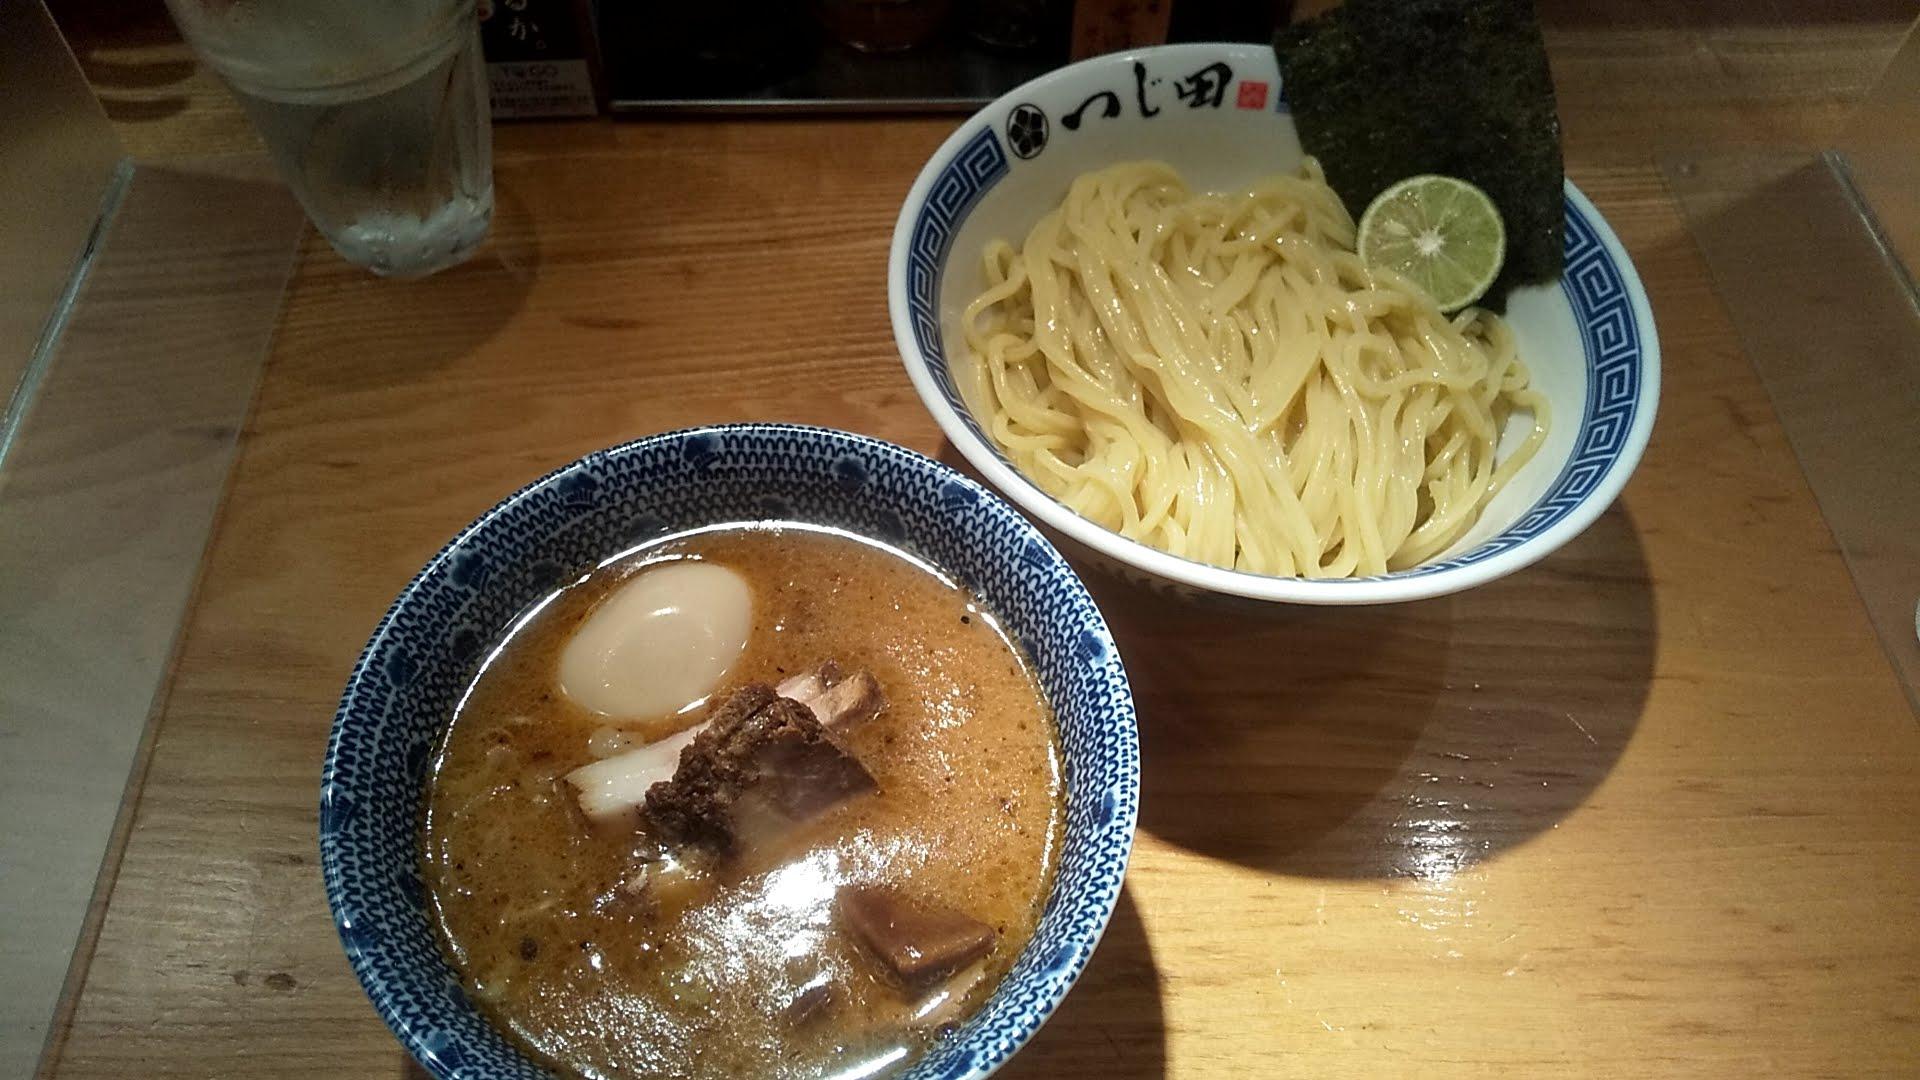 つじ田日本橋店の濃厚特製つけ麺